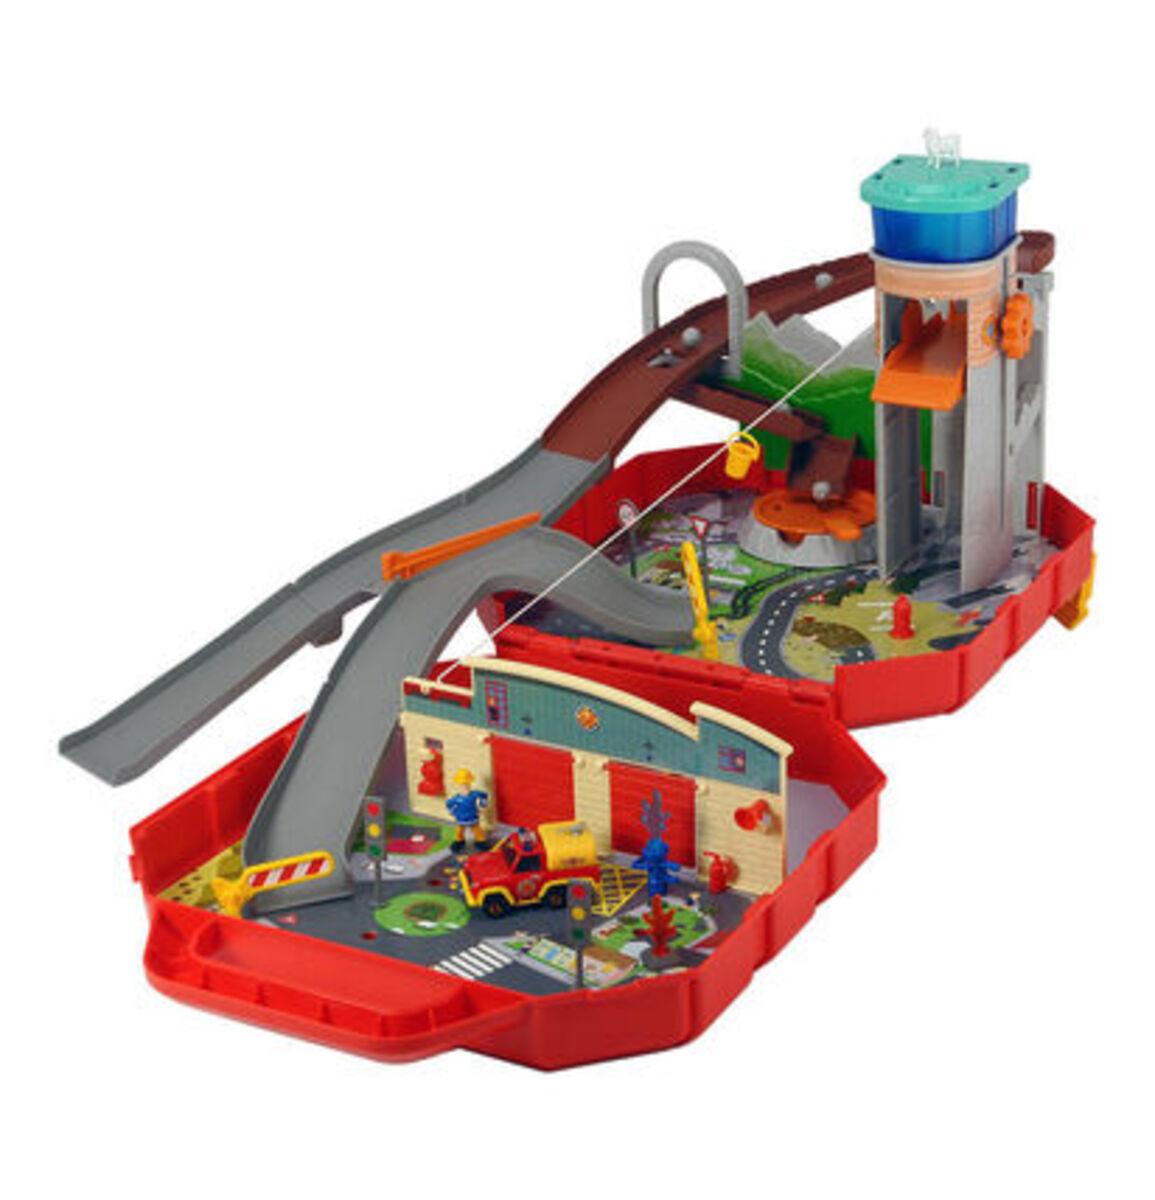 Bild 1 von Dickie Toys Feuerwehrmann Sam Ponty Pandy Spielset